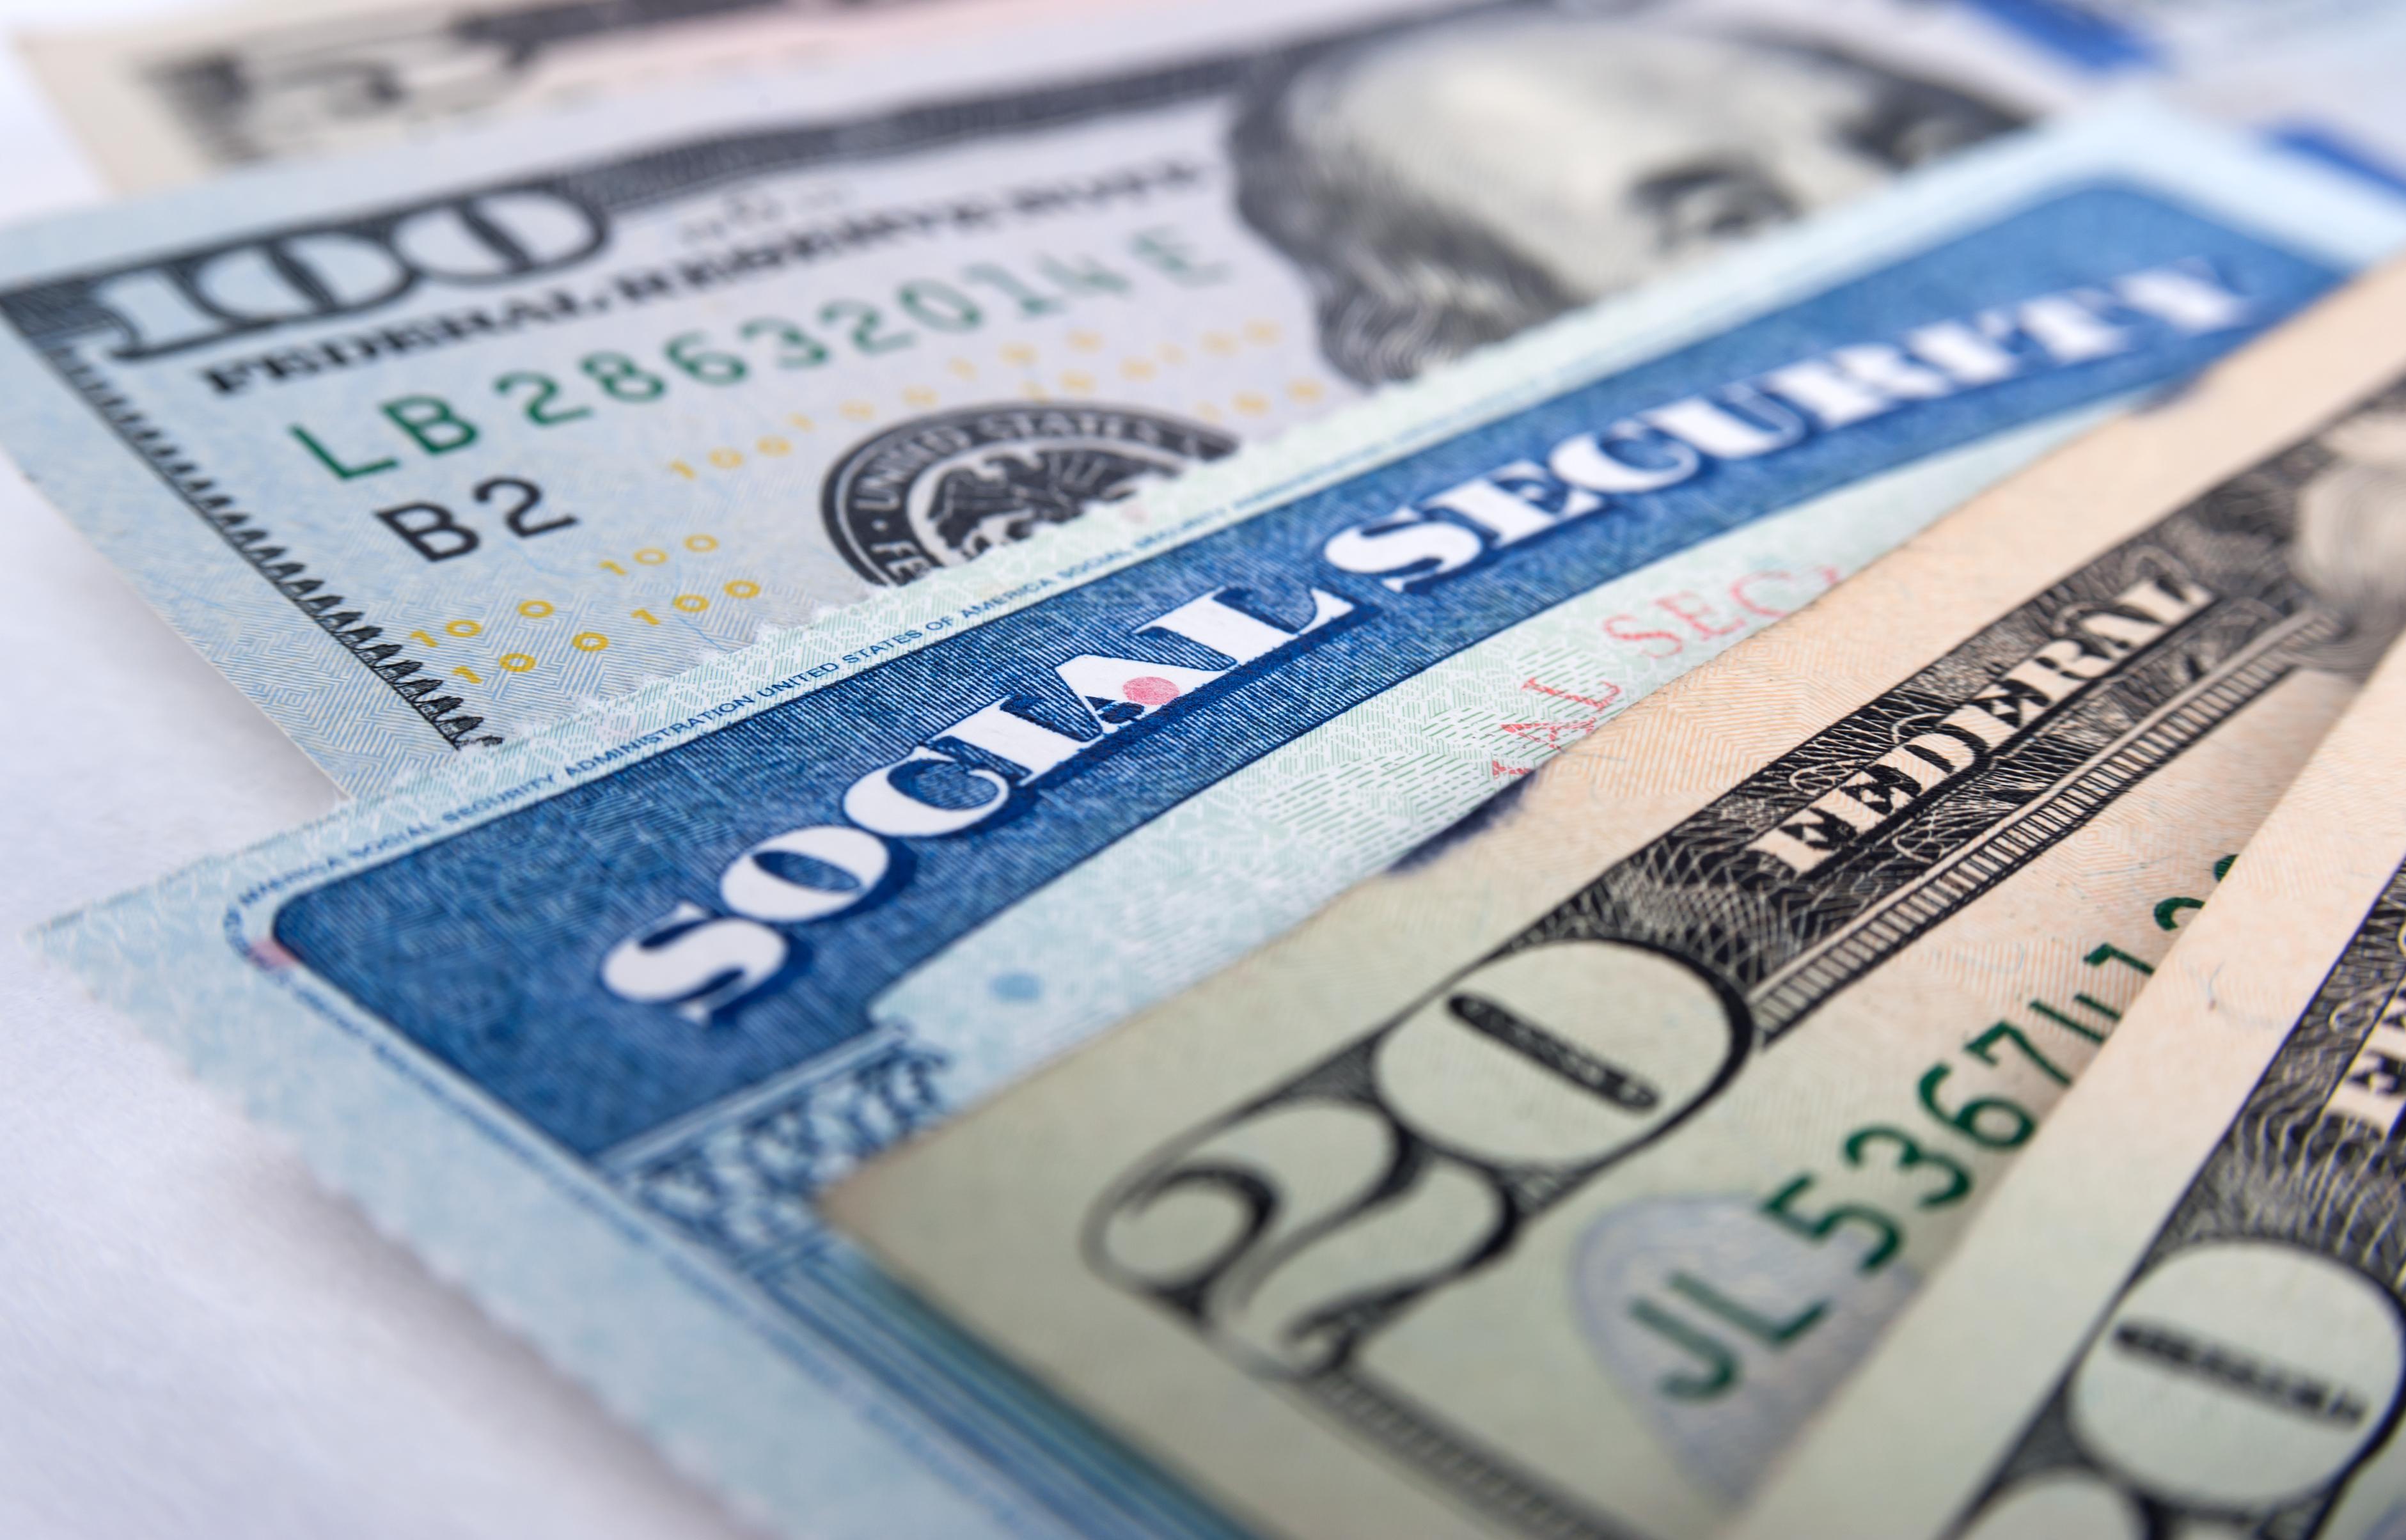 Social Security card in between cash bills.